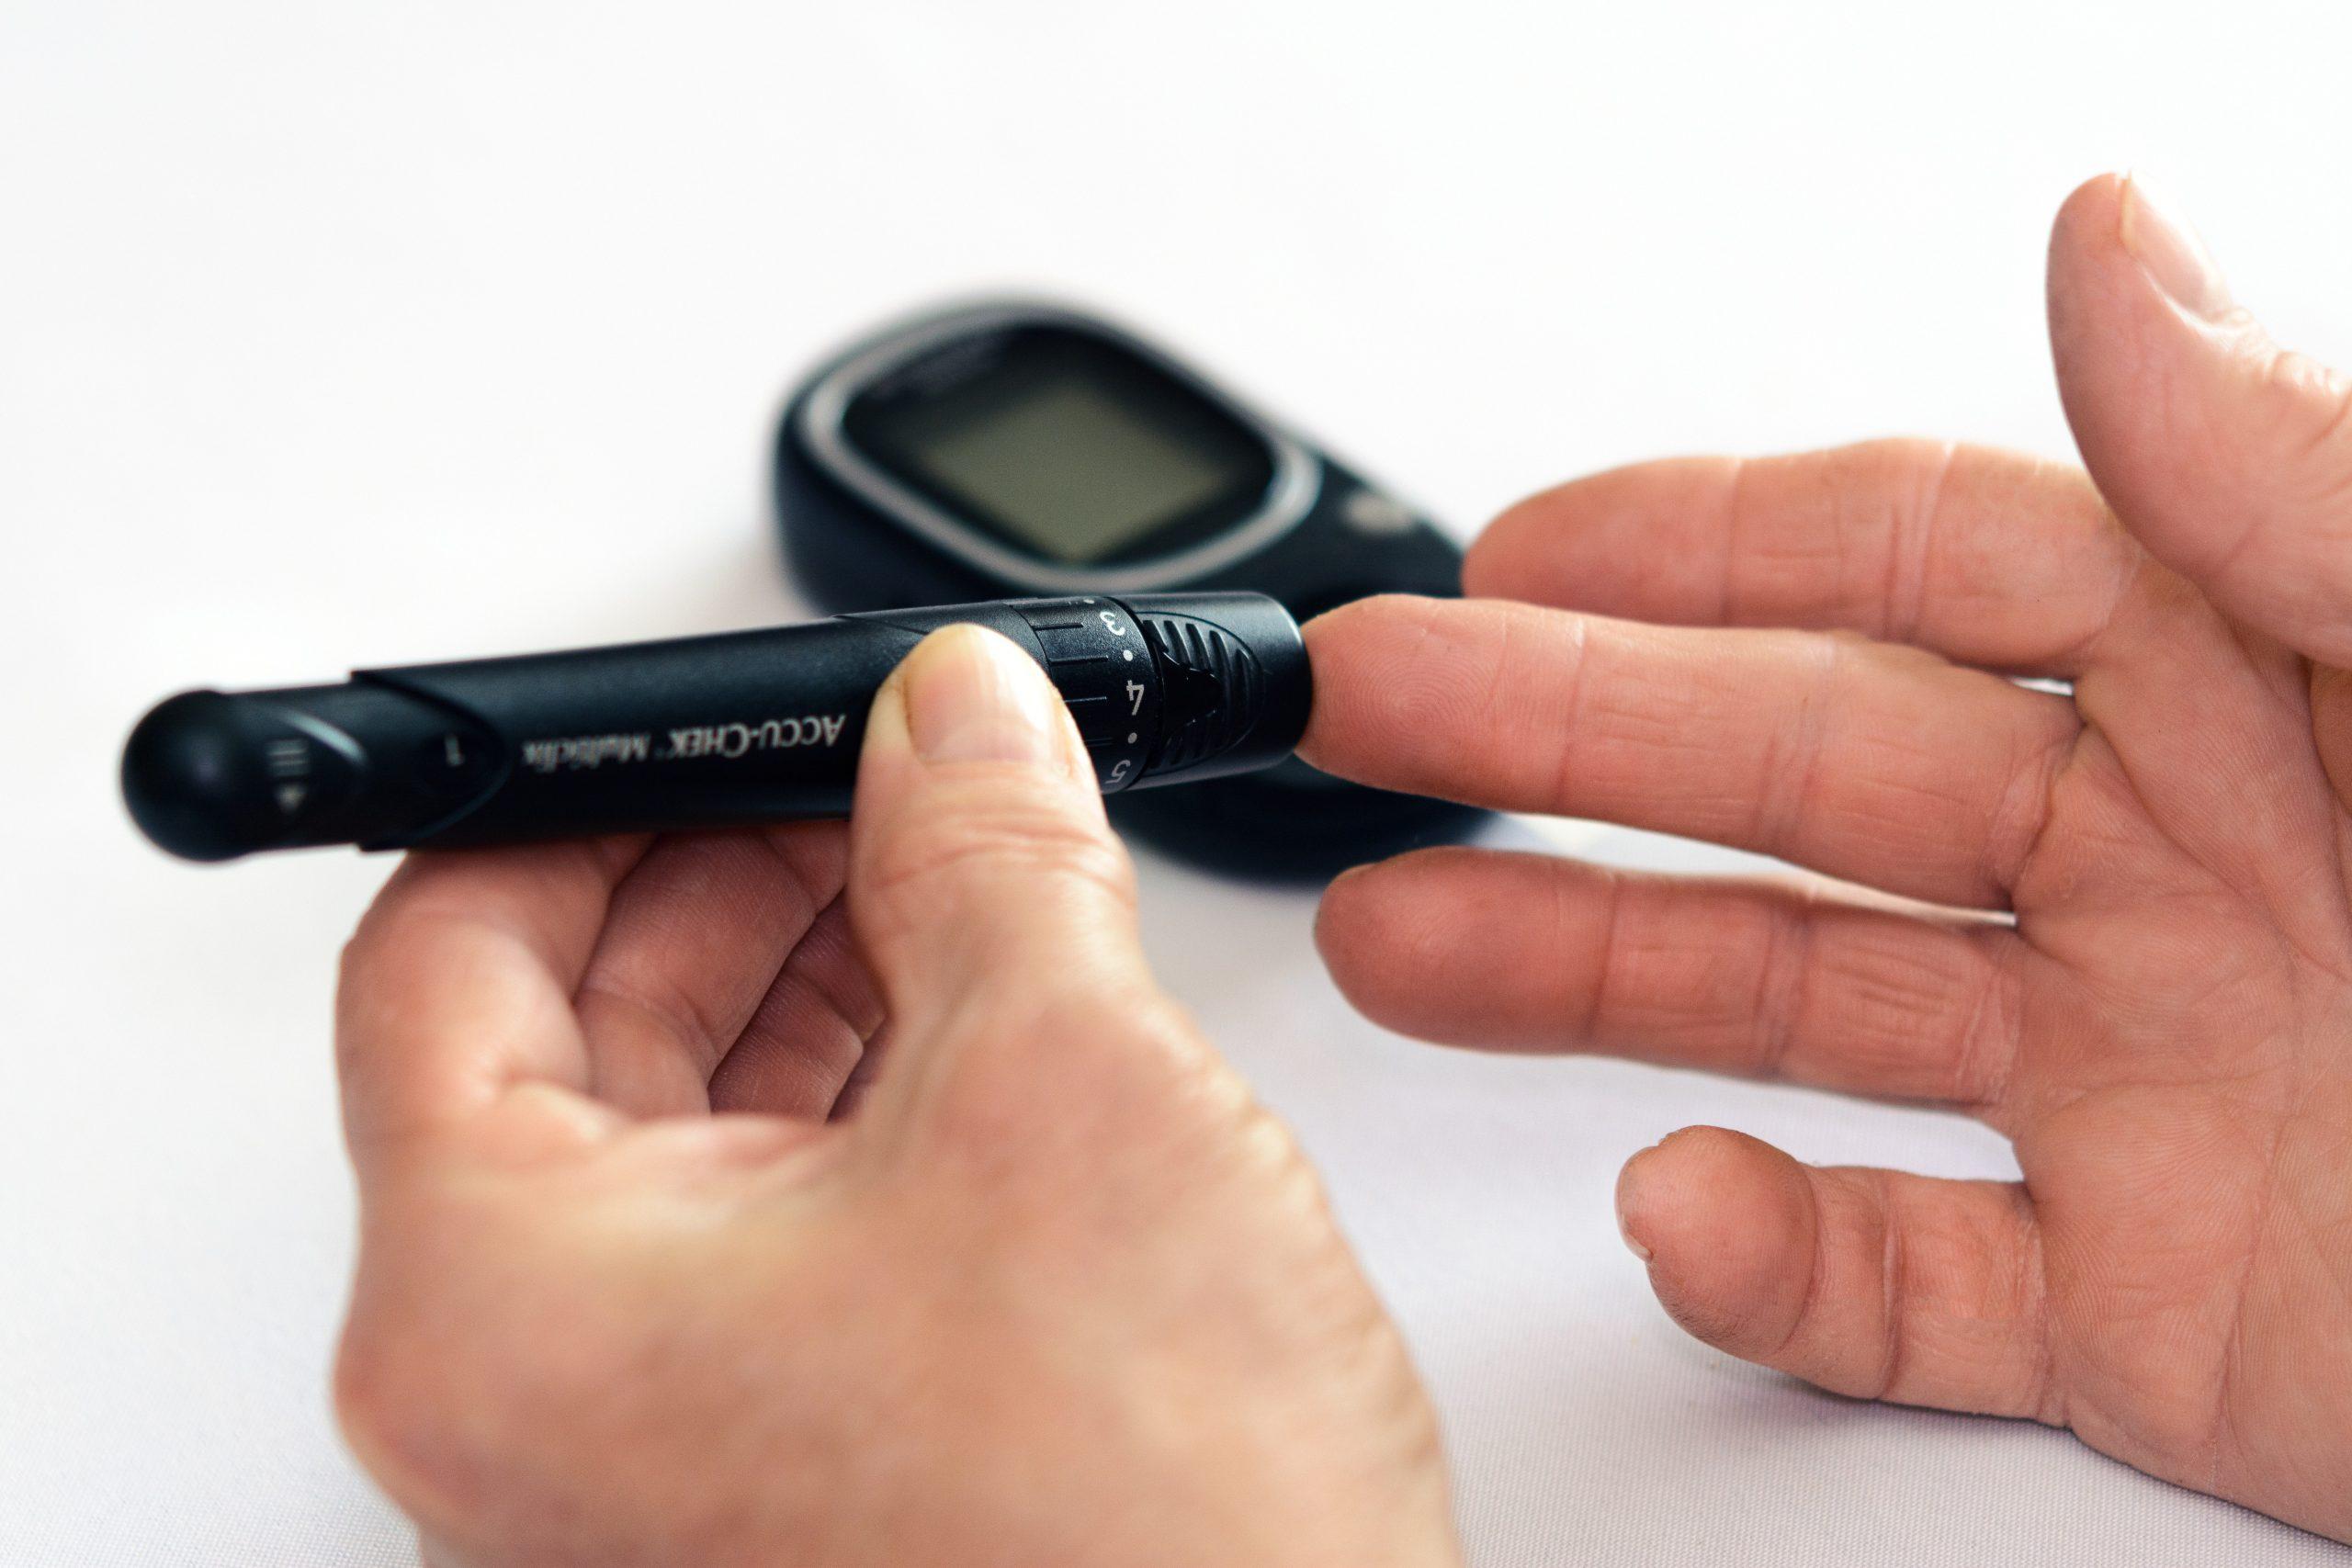 10-thứ-bệnh-nhân-tiểu-đường-nên-làm-hàng-ngày-scaled